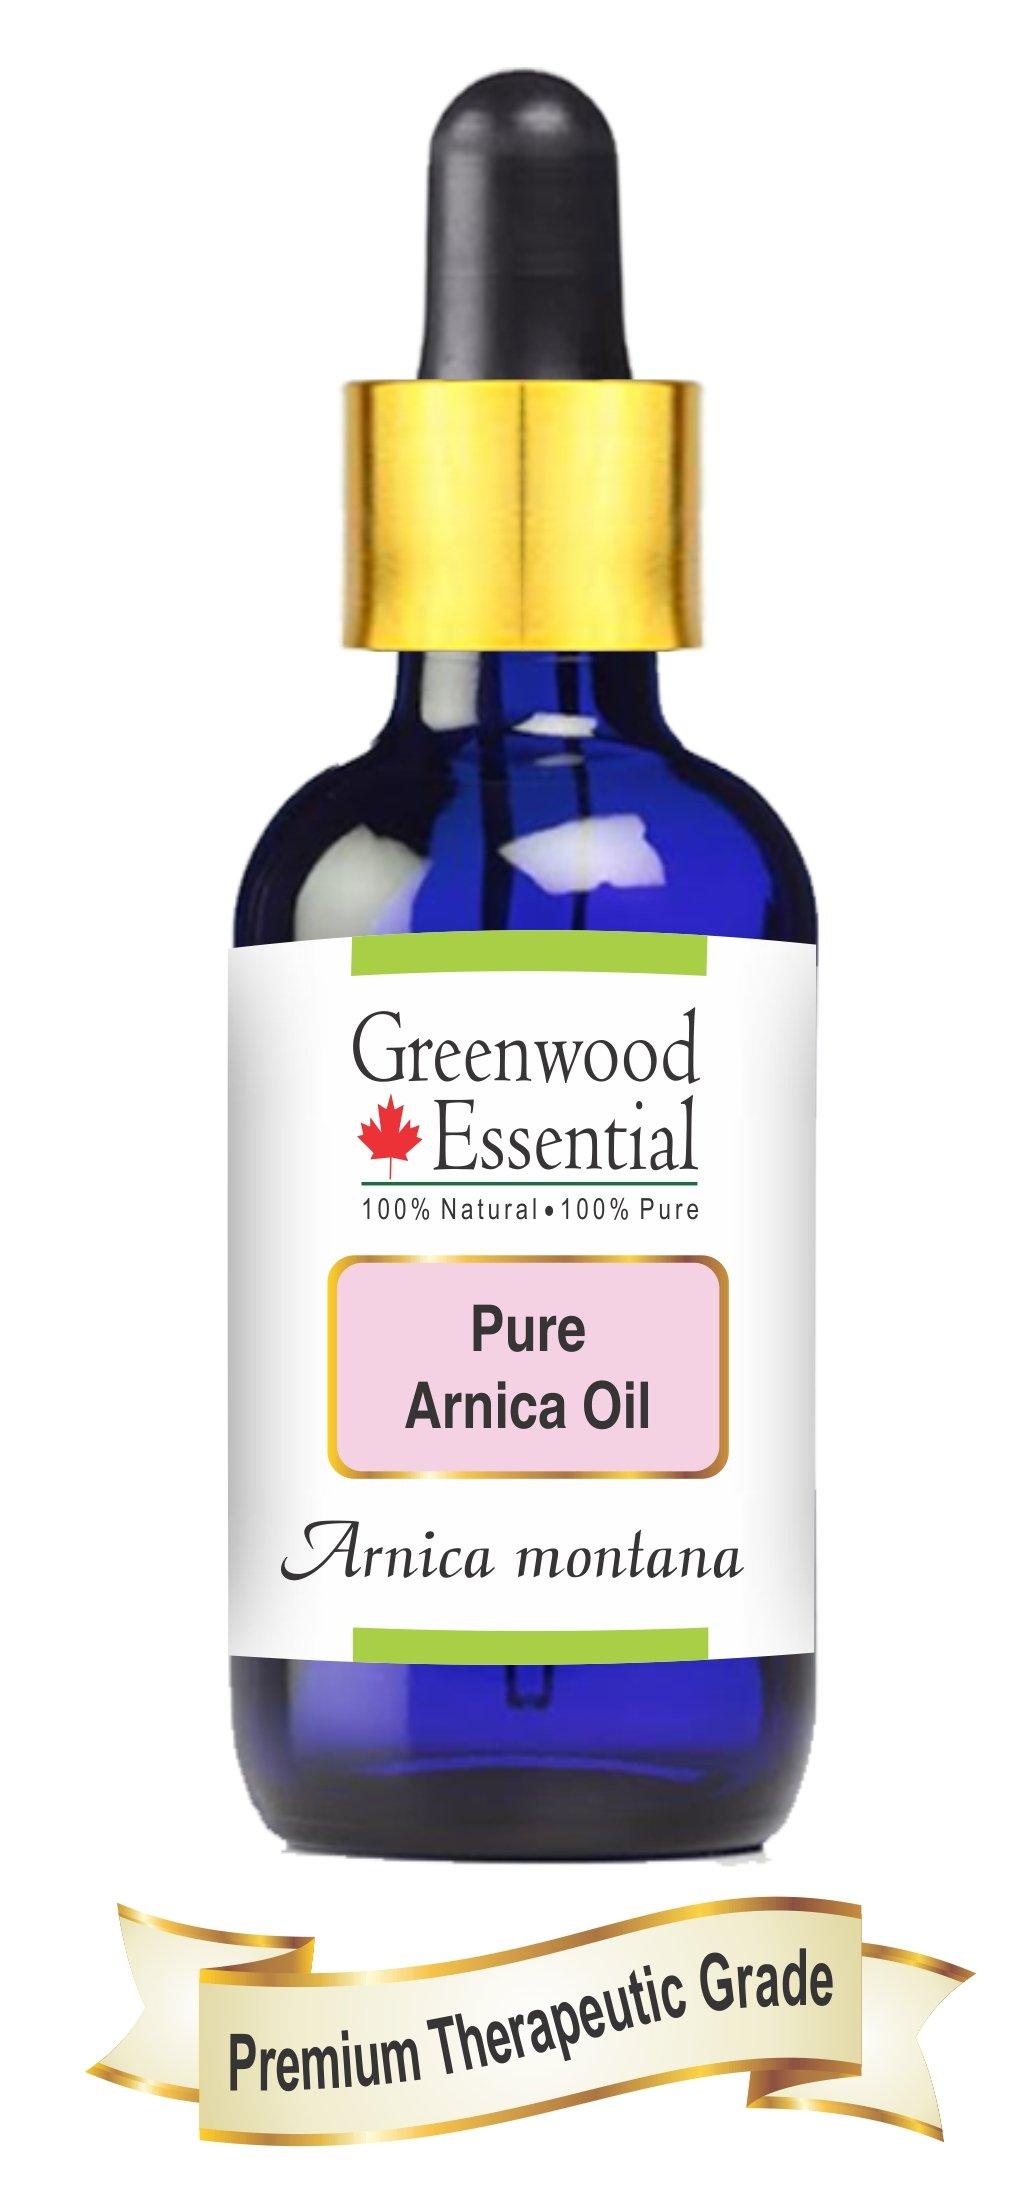 Pure Arnica Oil 100% Natural Cold Pressed & Therapeutic Grade Arnica montana